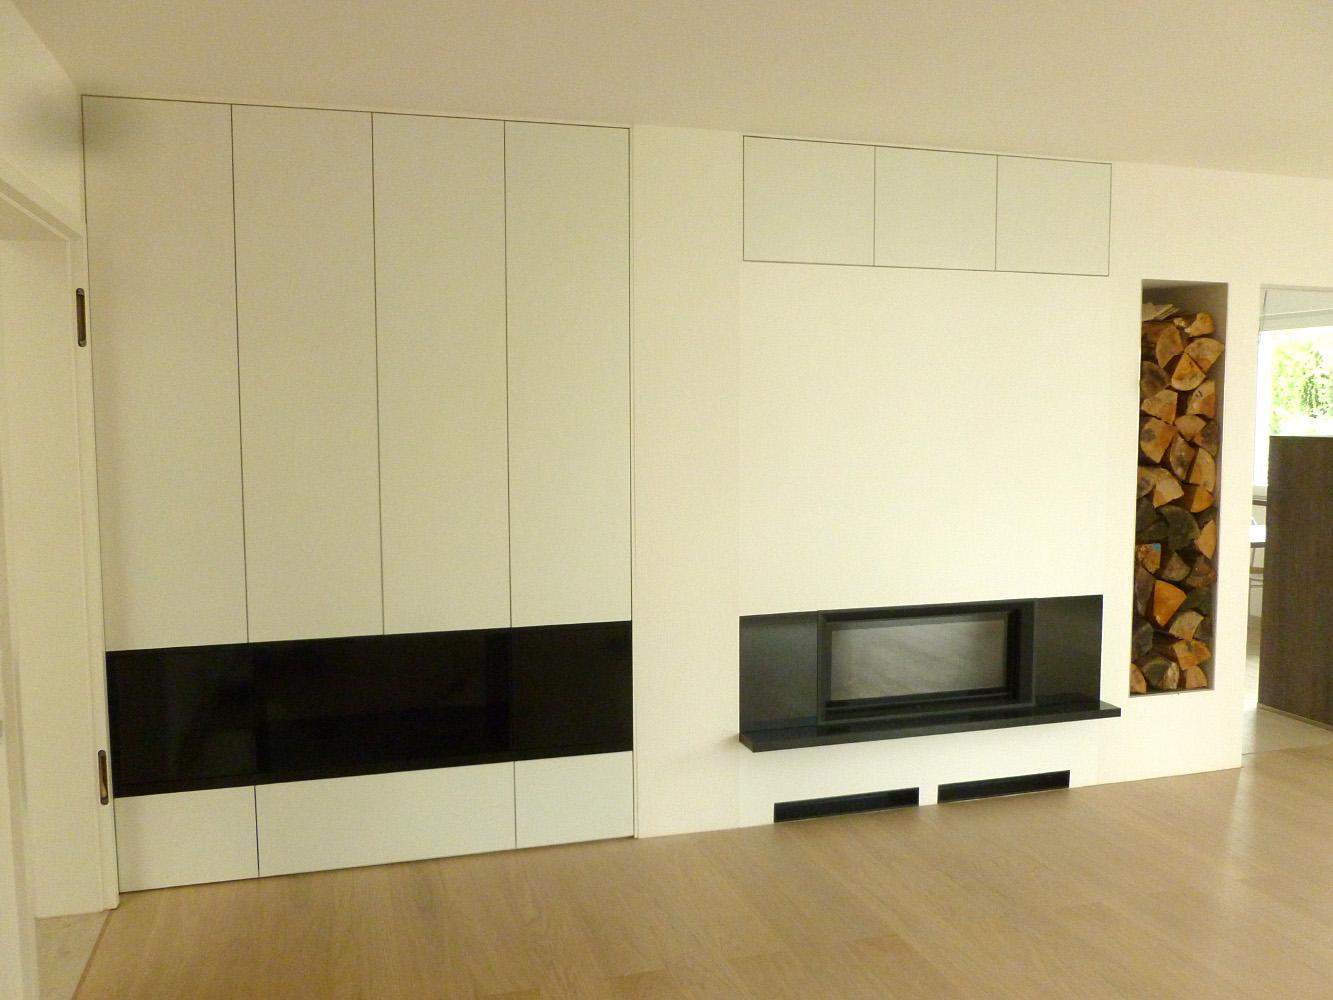 Kaminumbau weiß Hochglanz in modernem Design